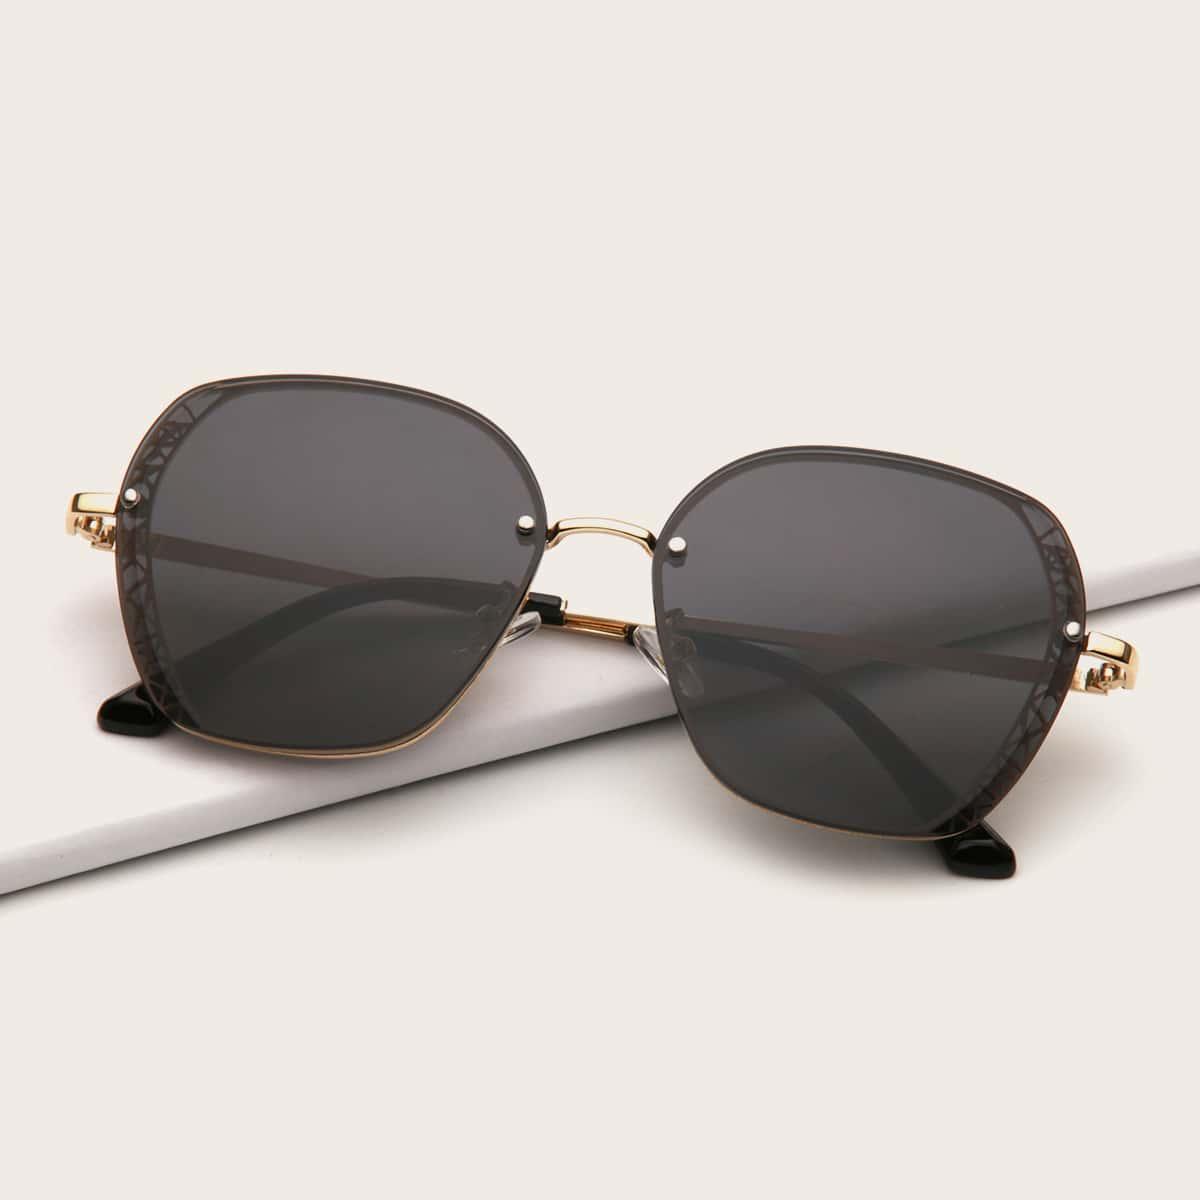 Солнцезащитные очки в геометрической форме фото